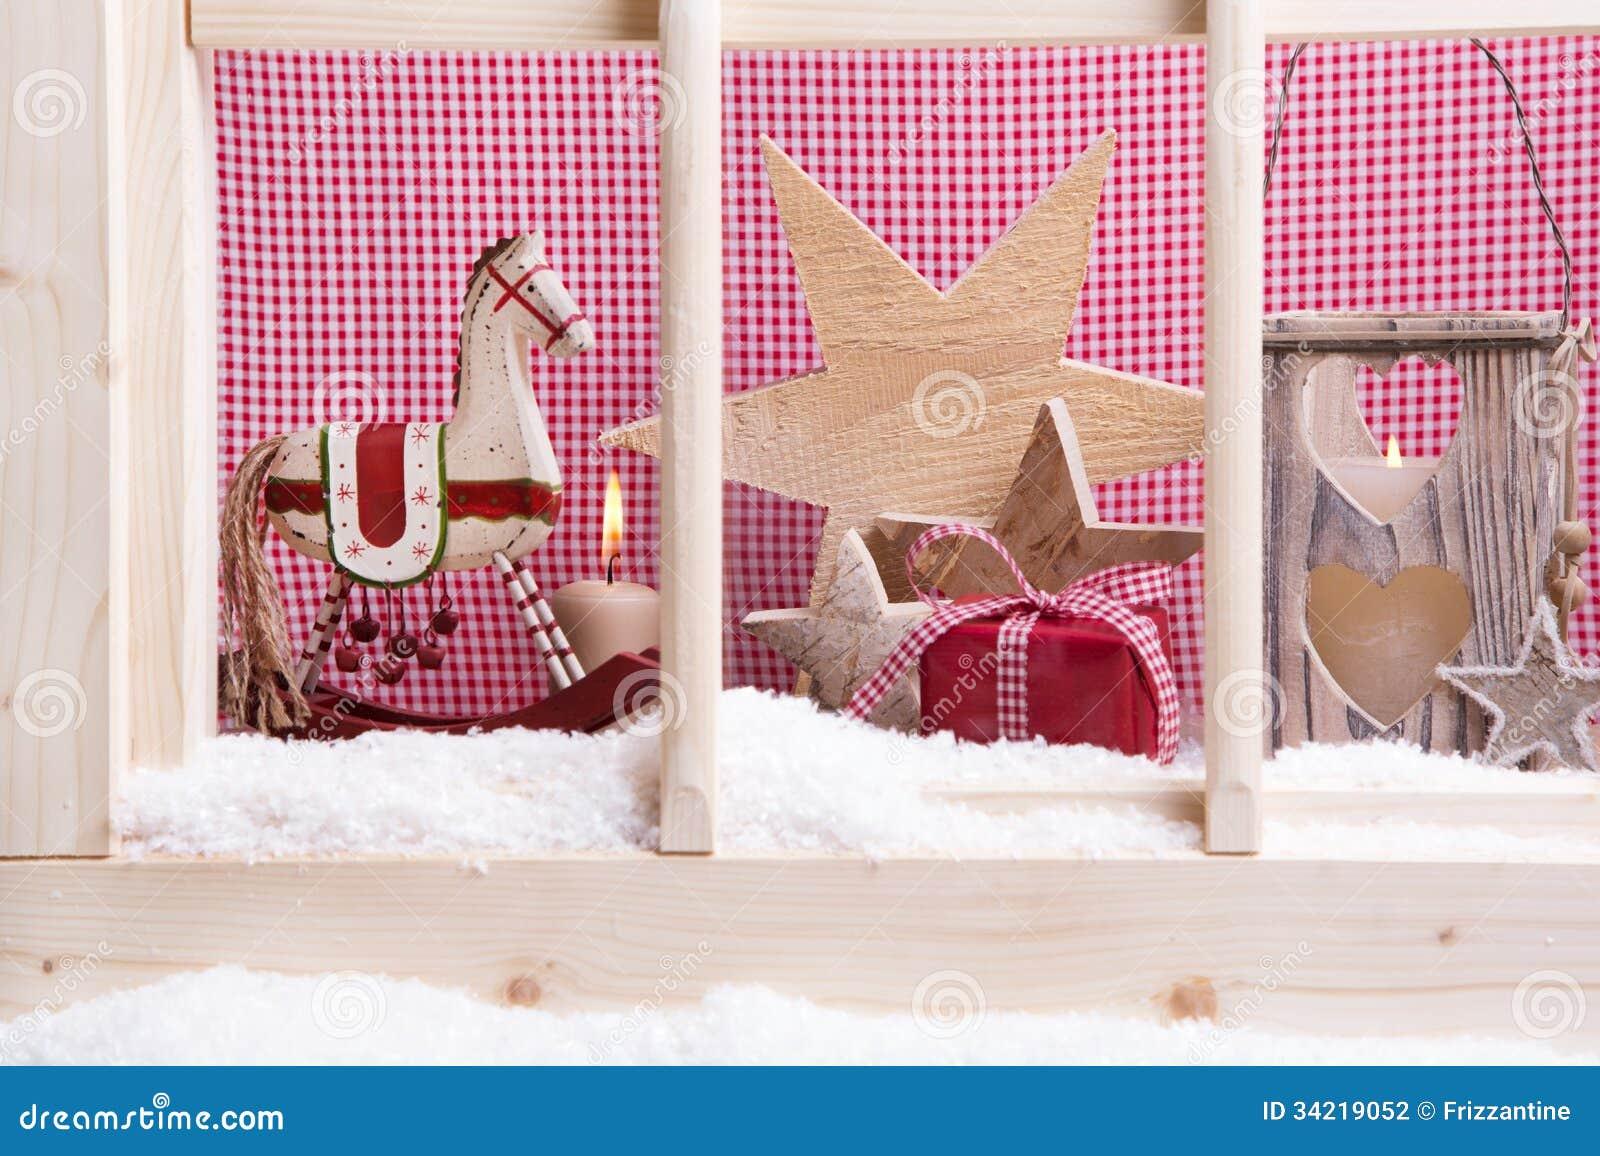 Decorazione dell 39 interno di natale del davanzale della finestra cavalli a dondoli stelle l - Davanzale finestra interno ...